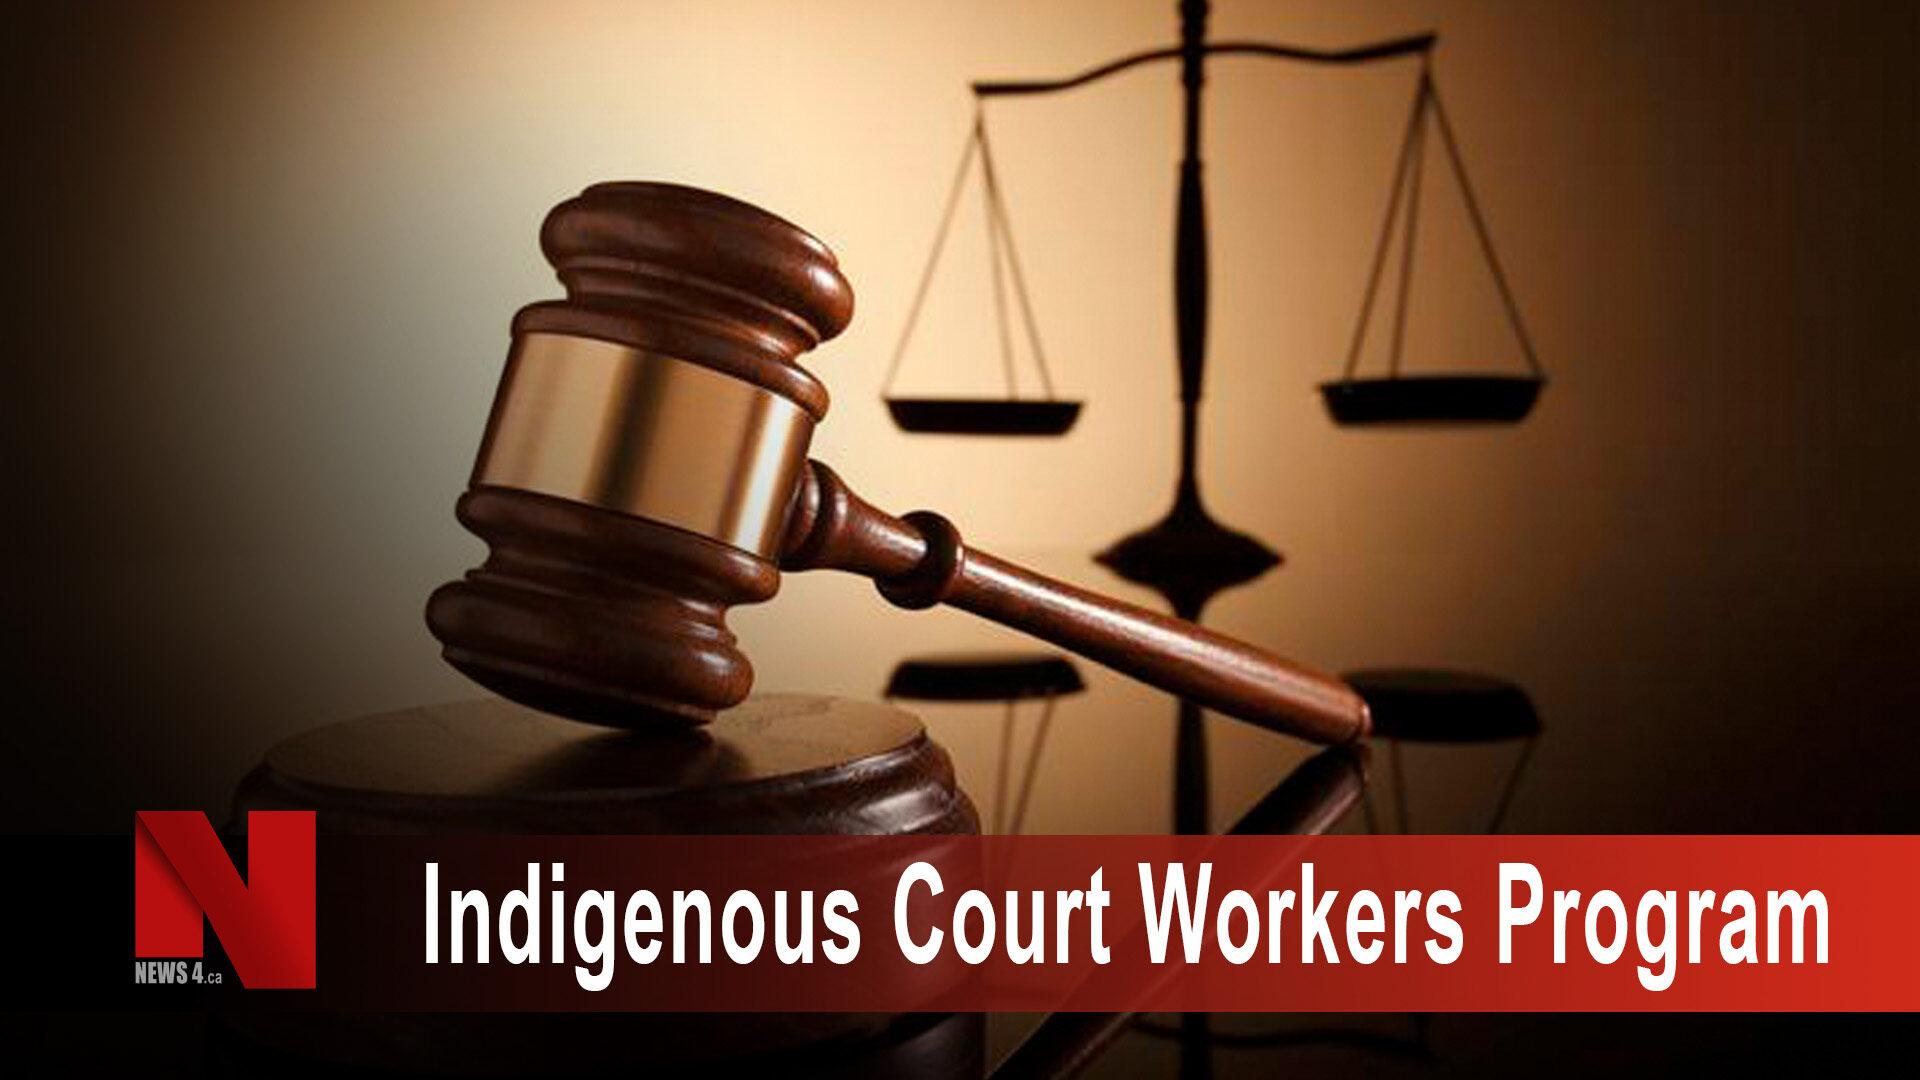 Indigenous Court Workers Program